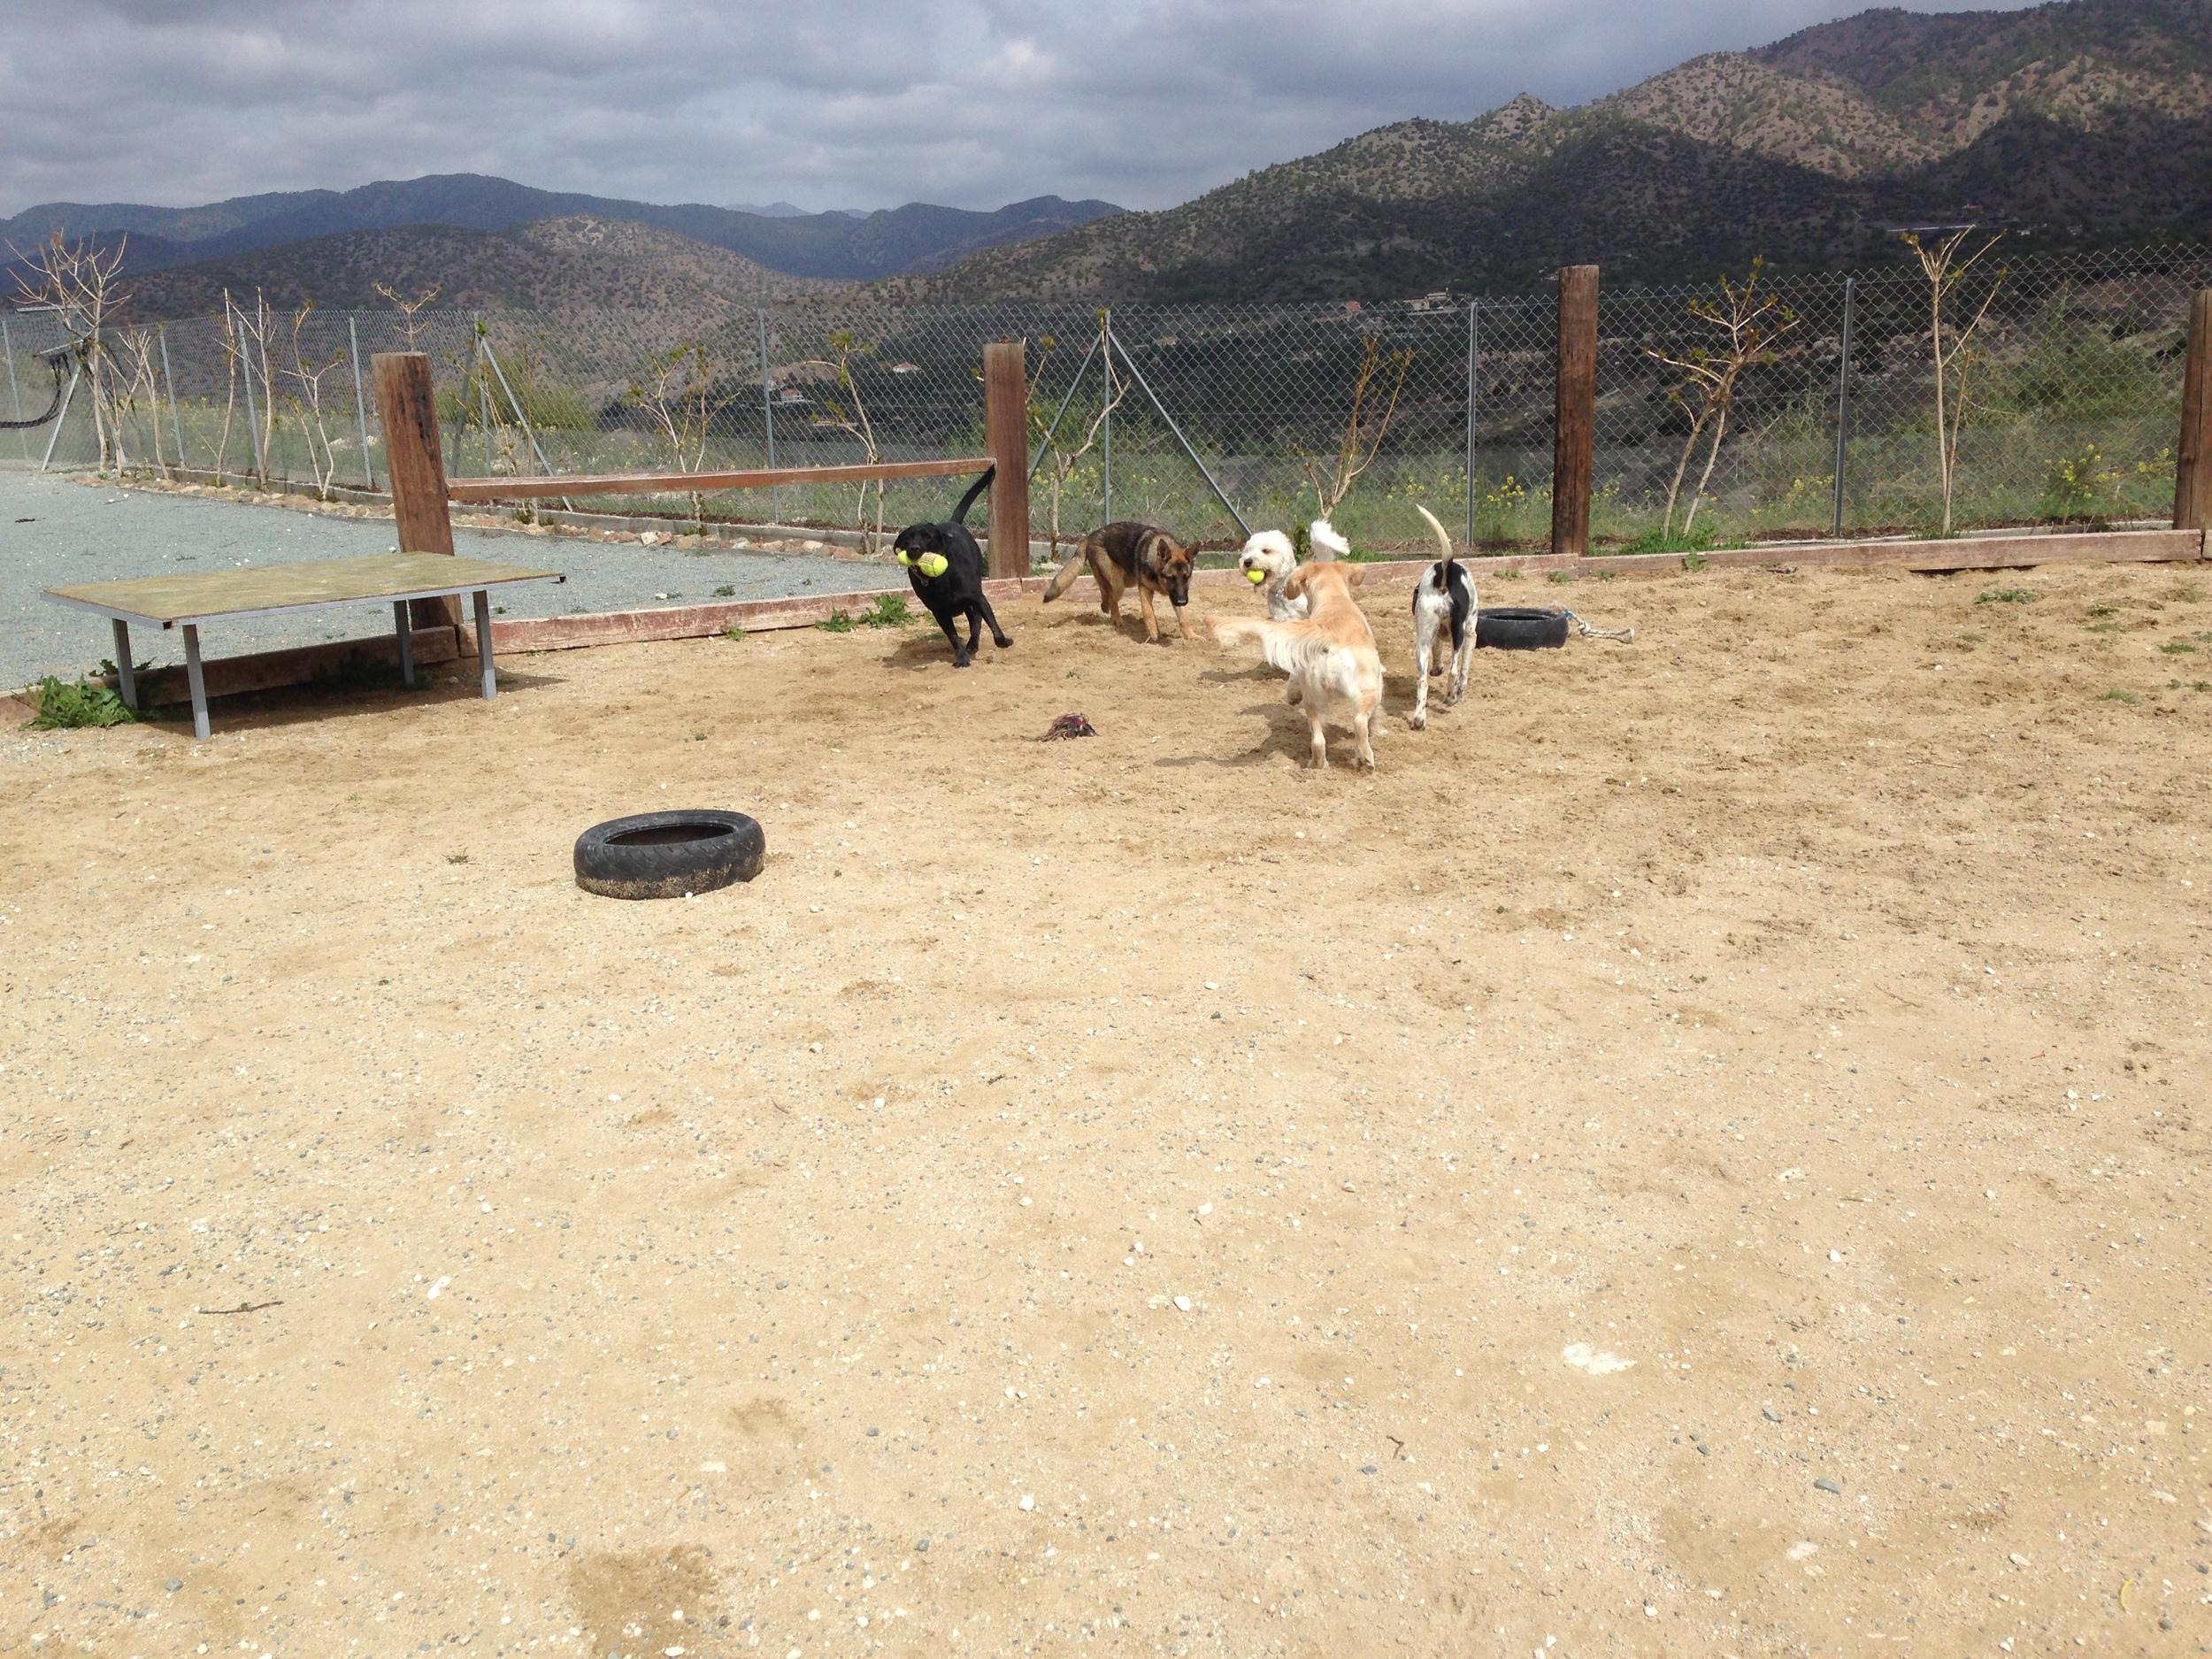 Dog Ranch - Dog Hotel - Fenced Run/Exercise/Training Area